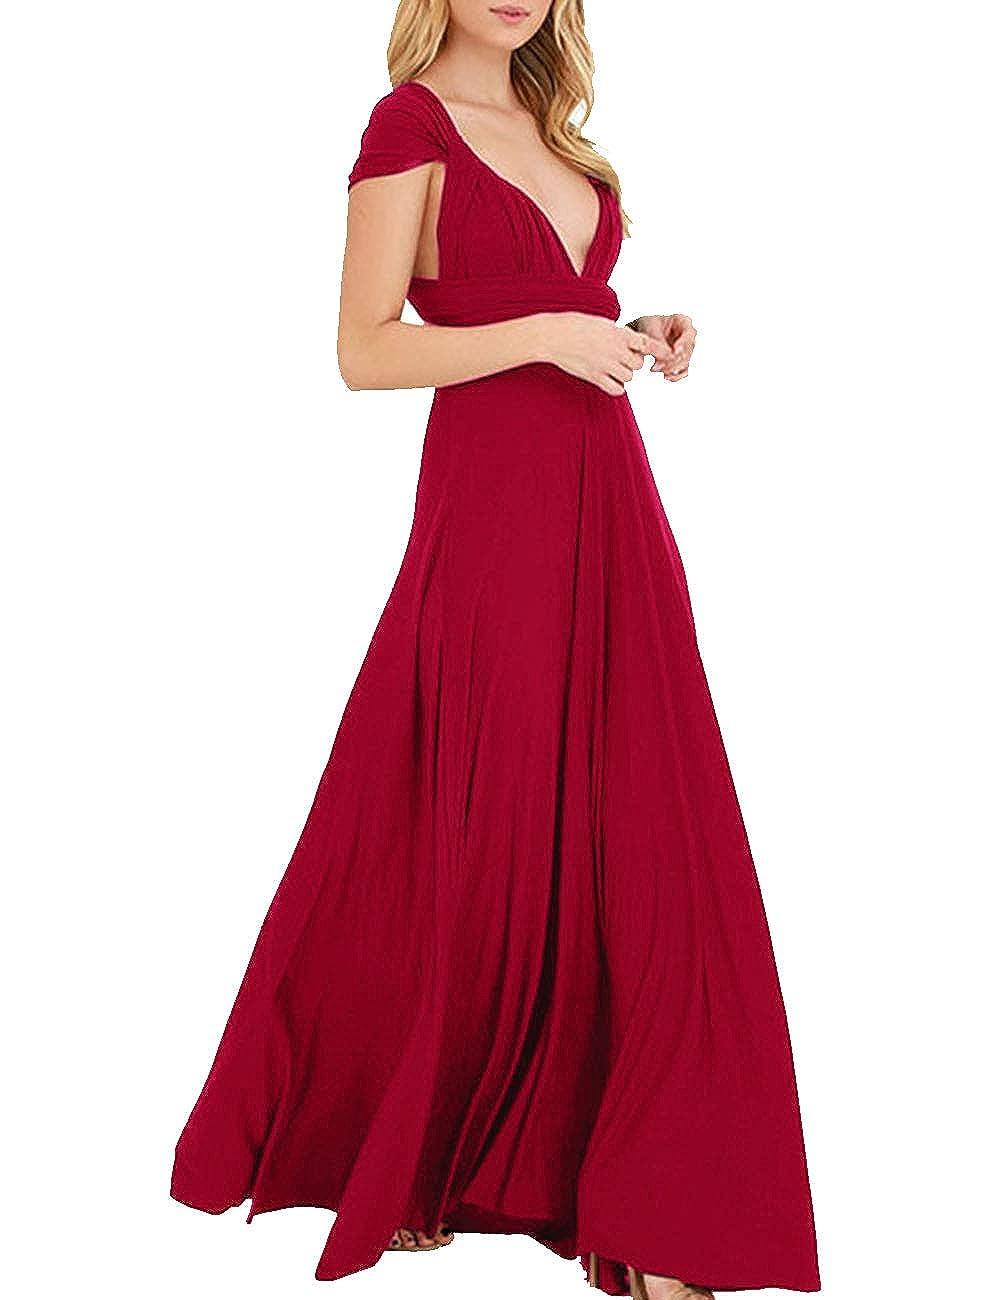 TALLA M. EMMA Mujeres Falda Larga de Cóctel Vestido de Noche Dama de Honor Elegante sin Respaldo Rojo Vino